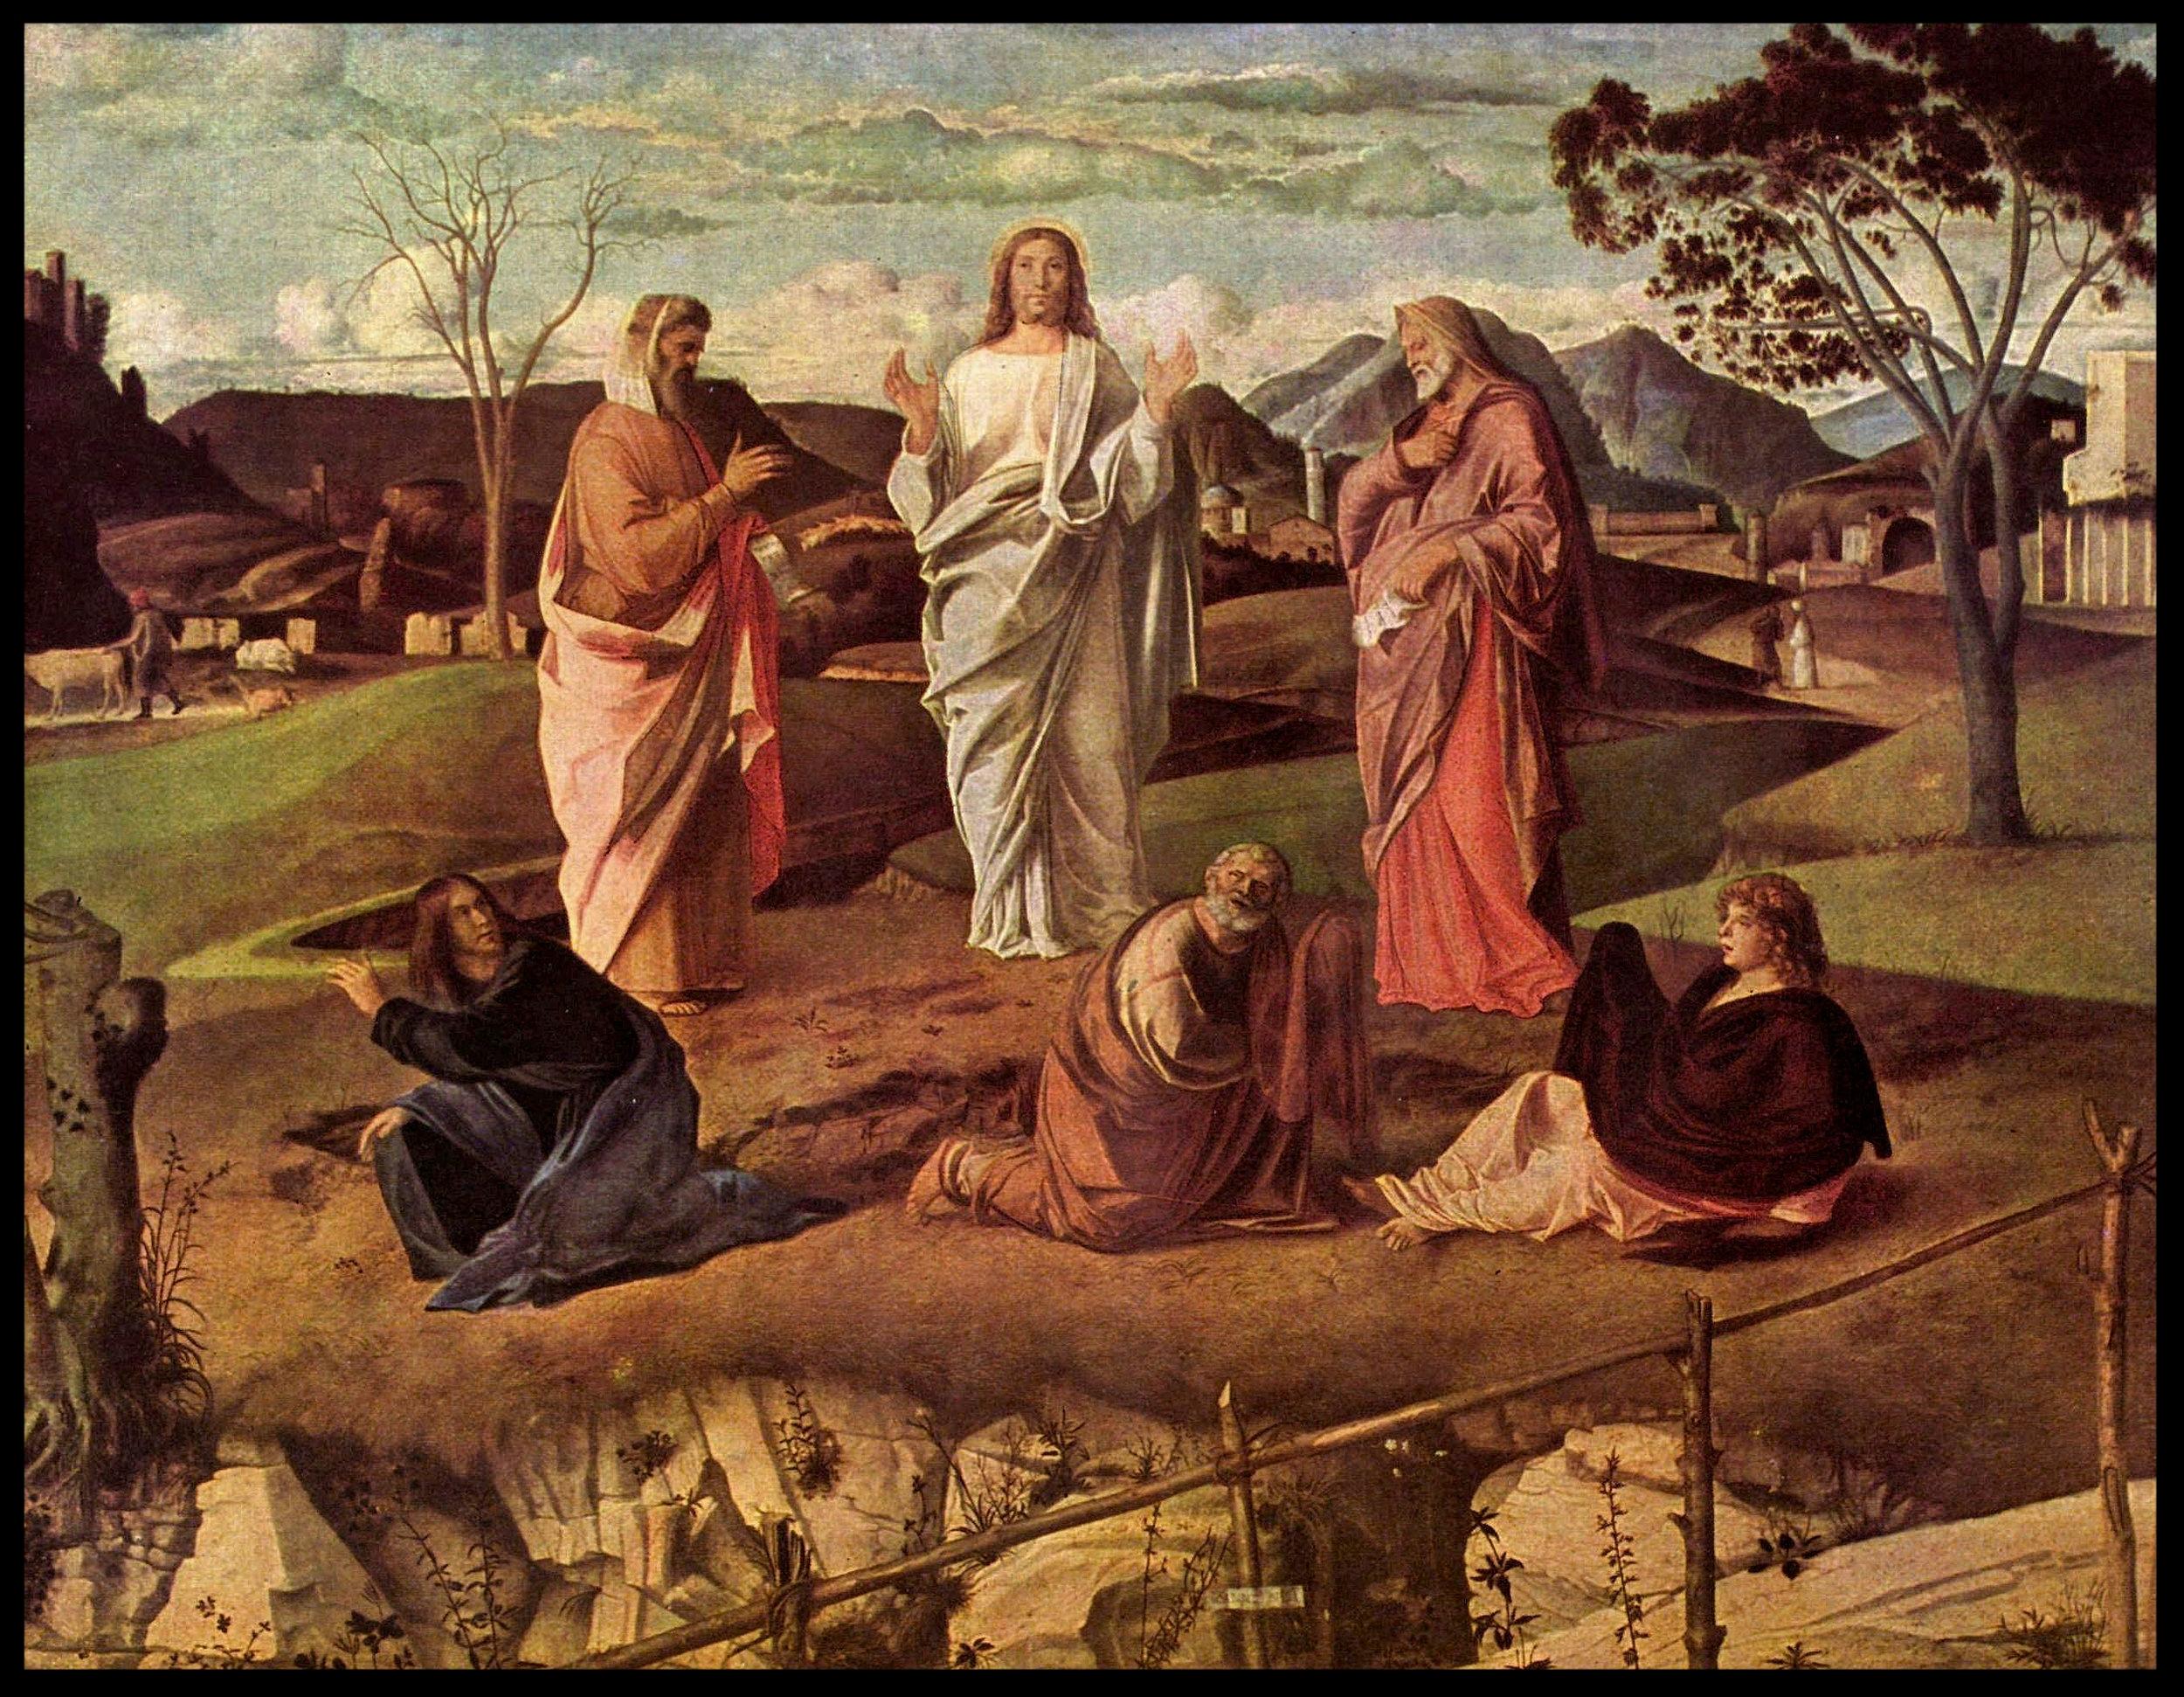 The Transfiguration - Giovanni Bellini (1430-1516)